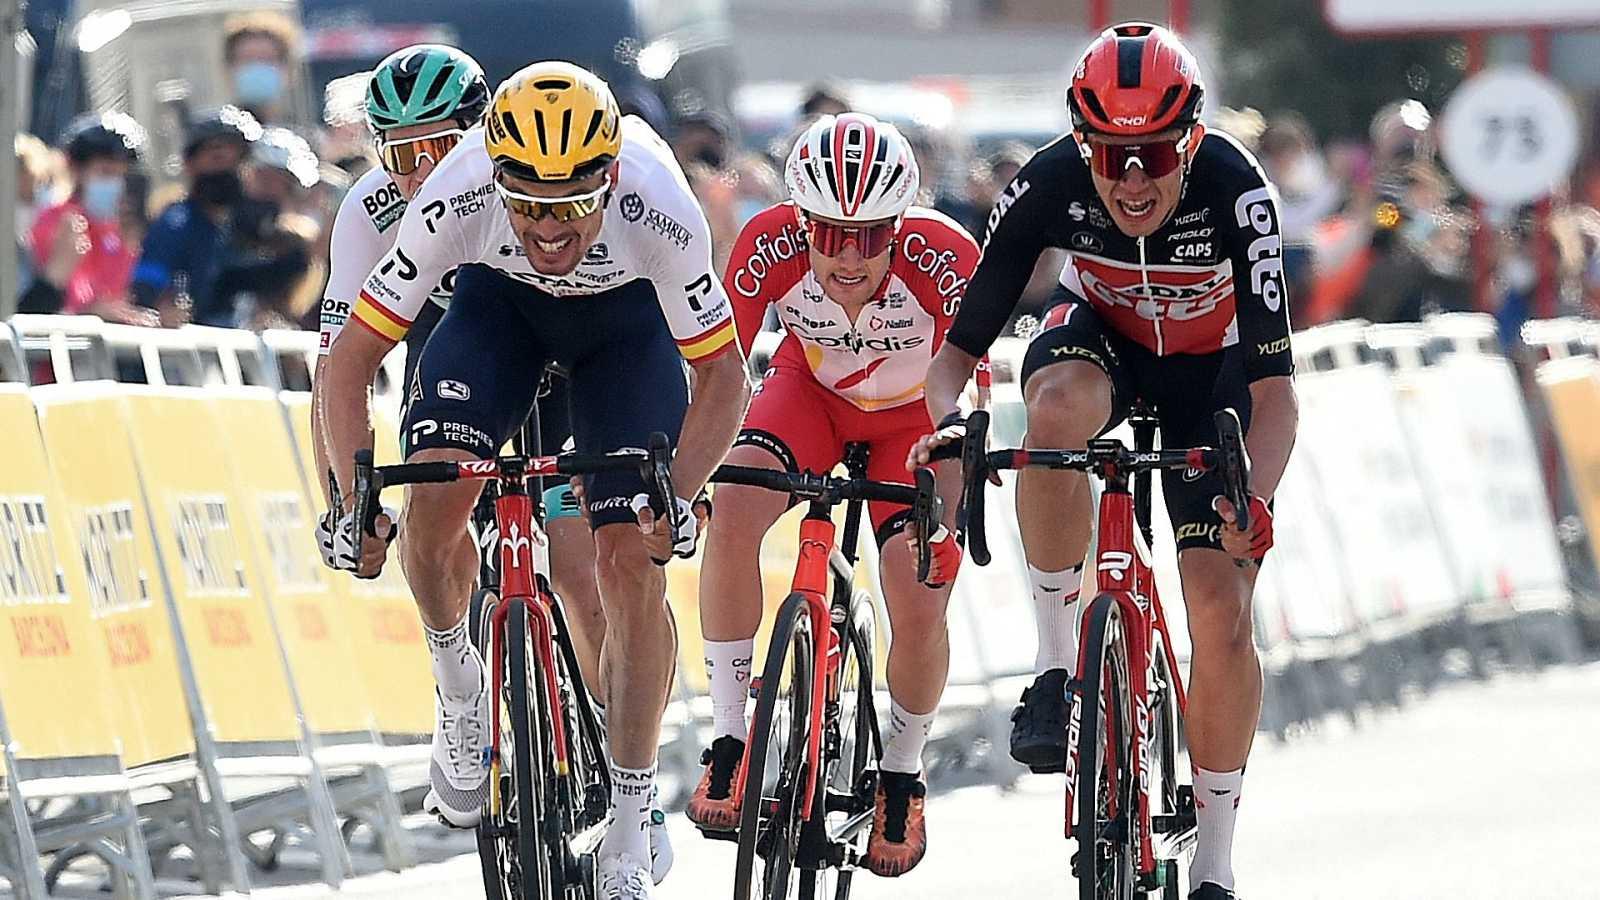 Ciclismo - Volta Cataluña. 1ª etapa: Calella - Calella - ver ahora